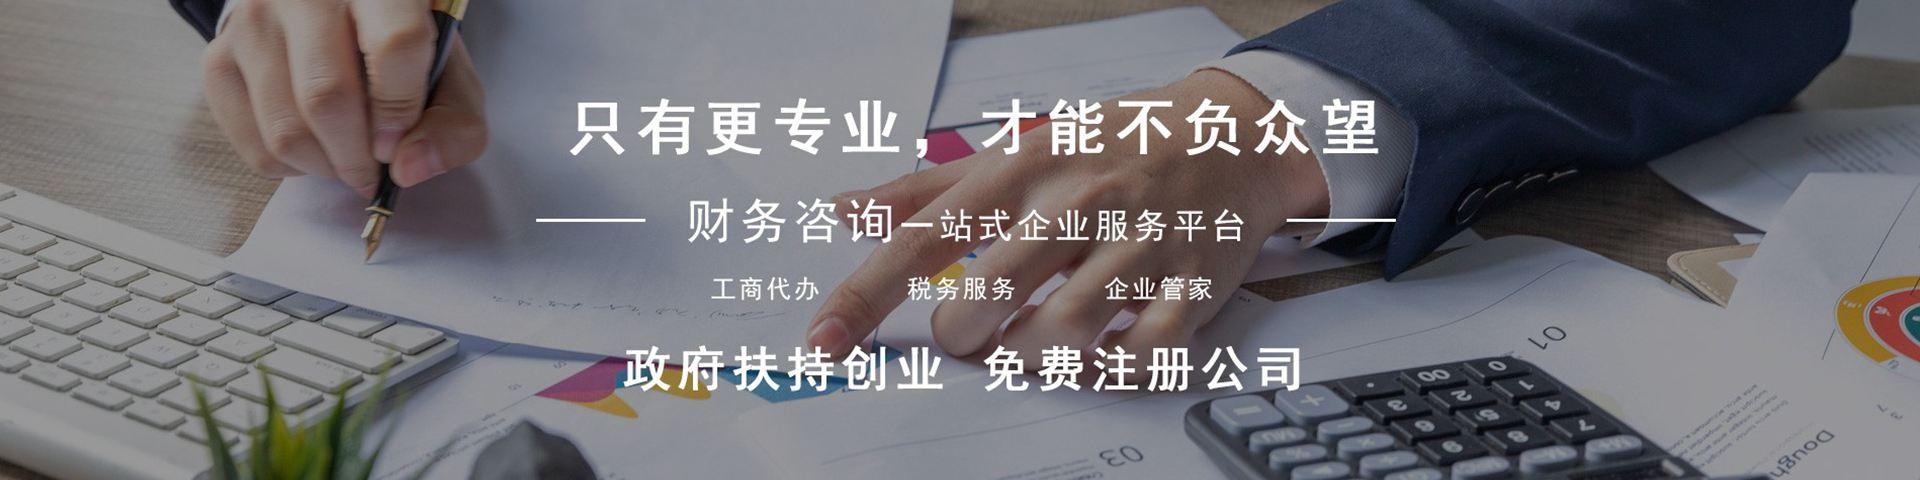 郑州餐饮管理服务公司拥有多年餐饮管理经验,提供食堂餐饮配送等多功能用餐服务,是郑州餐饮承包、工厂